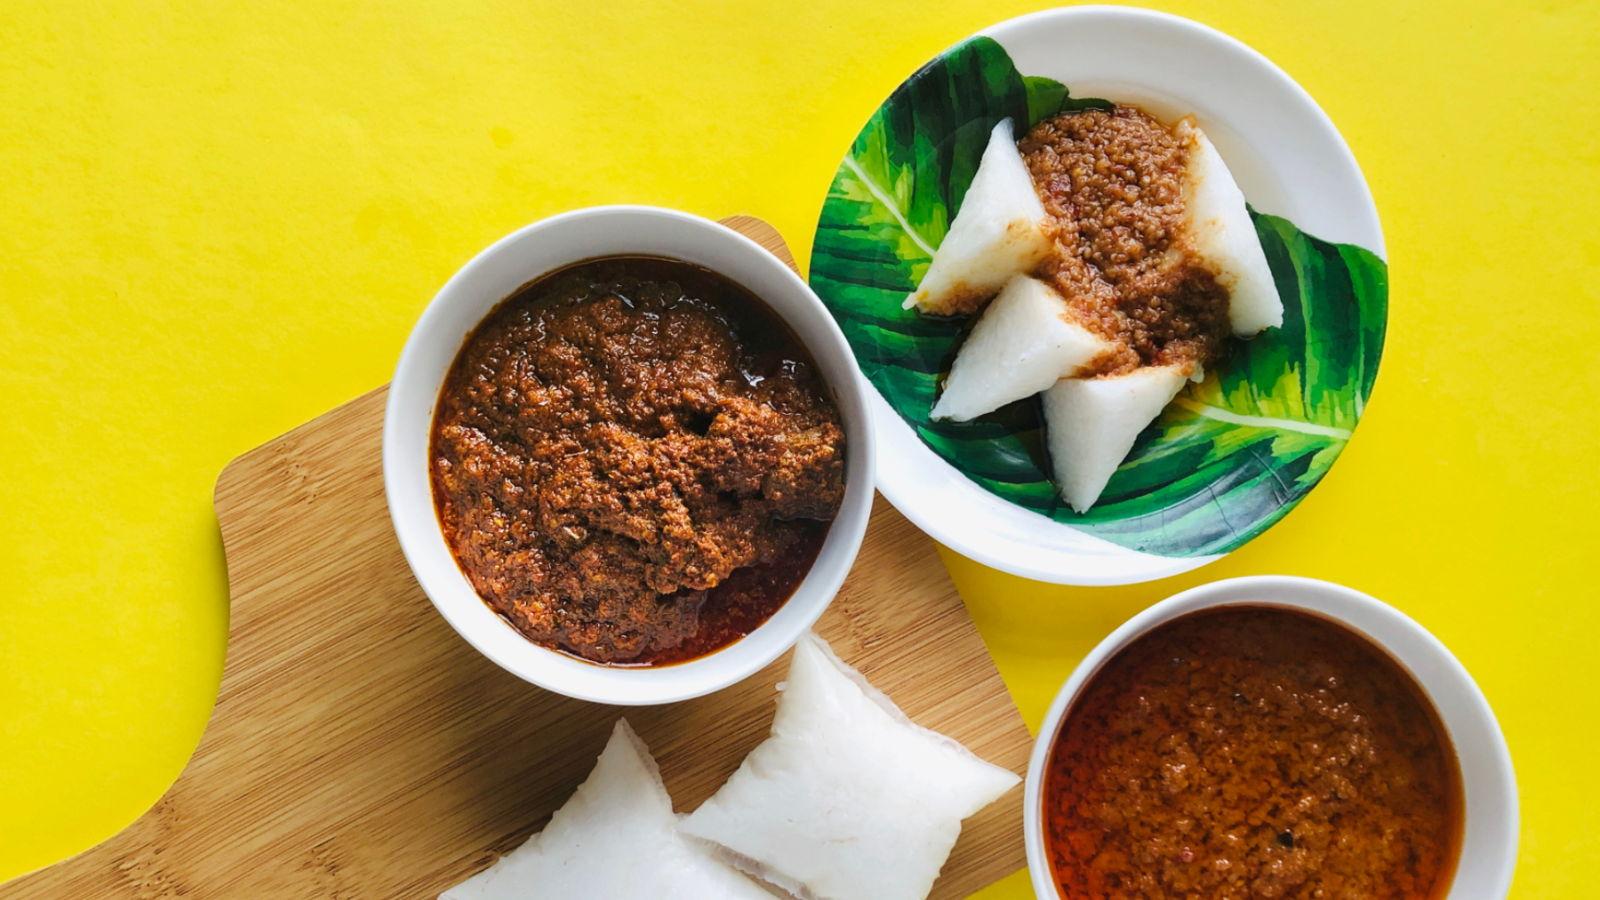 Spicy Peanut Sauce (Sambal Kacang)